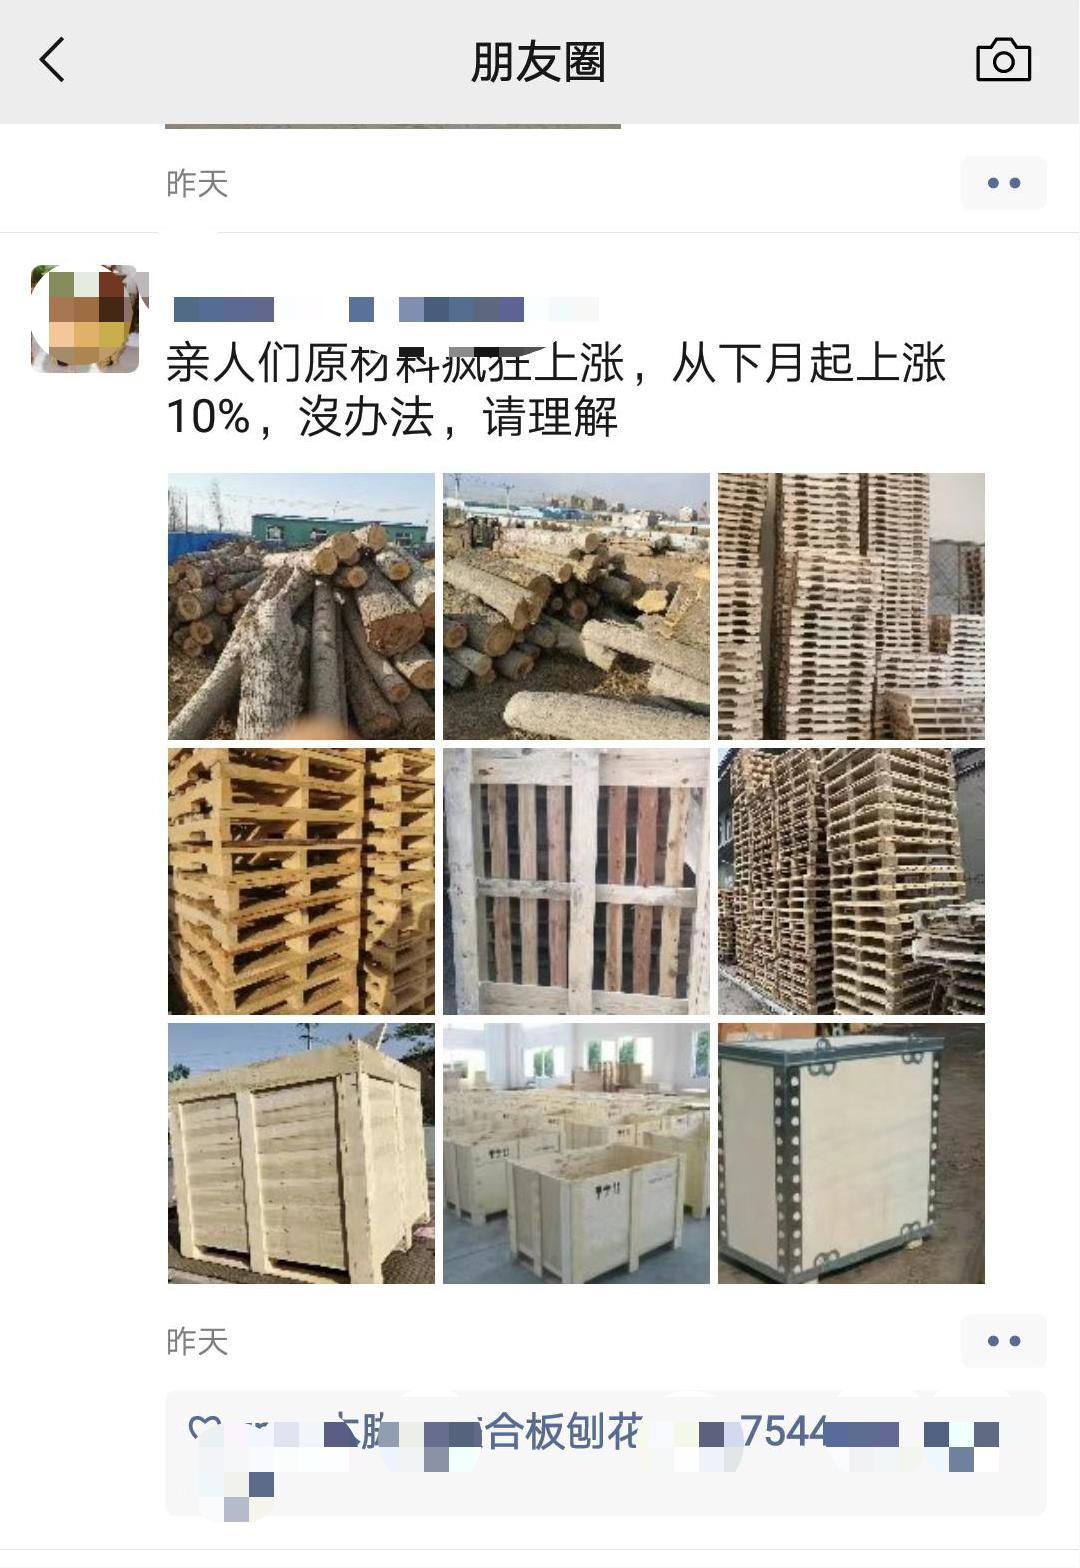 2021原材料上涨,木材商开启备货模式